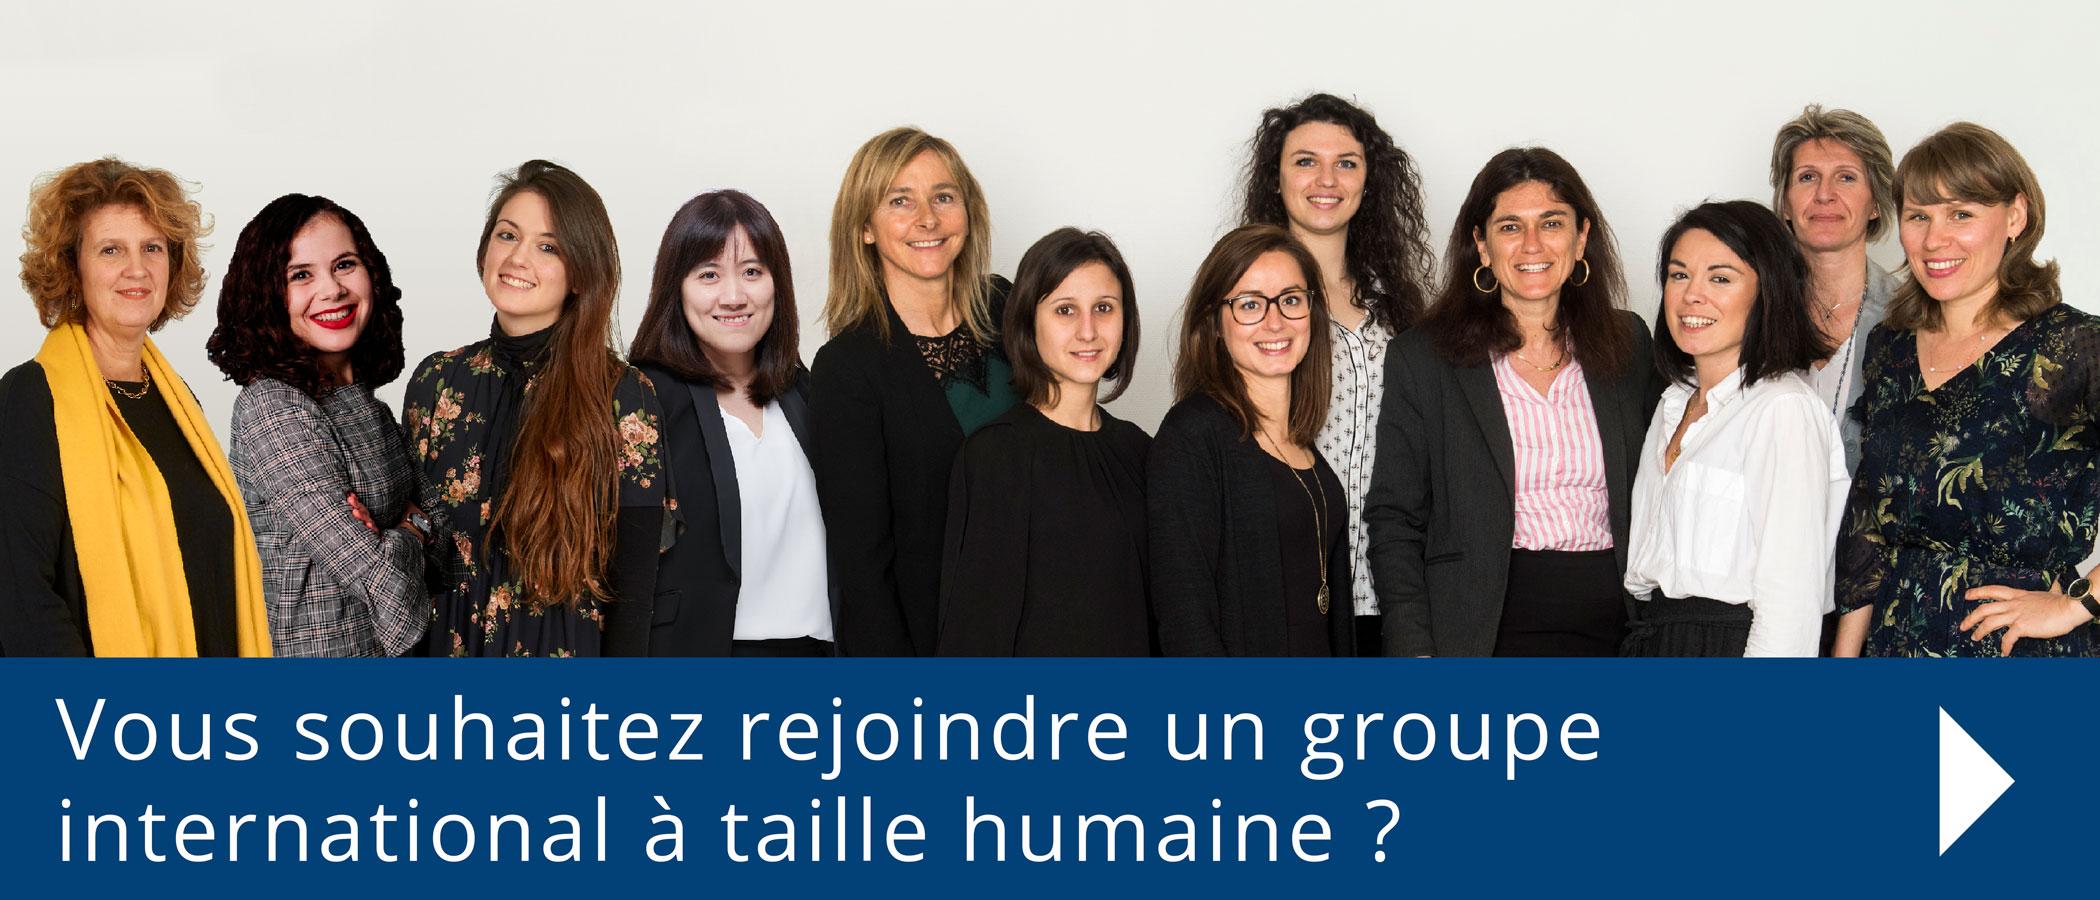 Rejoignez un groupe international à taille humaine